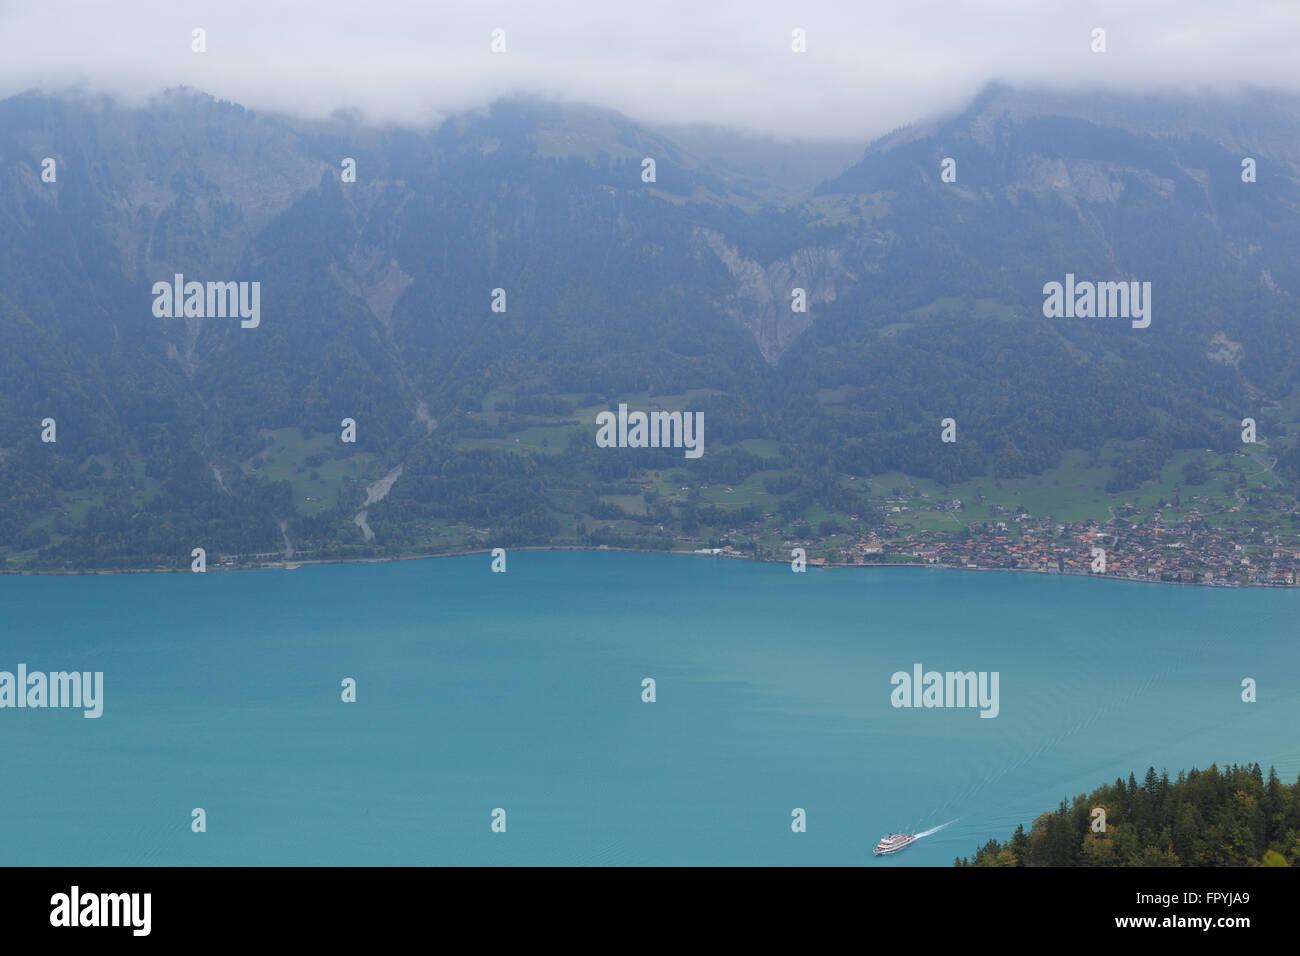 Un paisaje fotografía de un ferry de pasajeros en el lago de Brienz en Suiza. Foto de stock